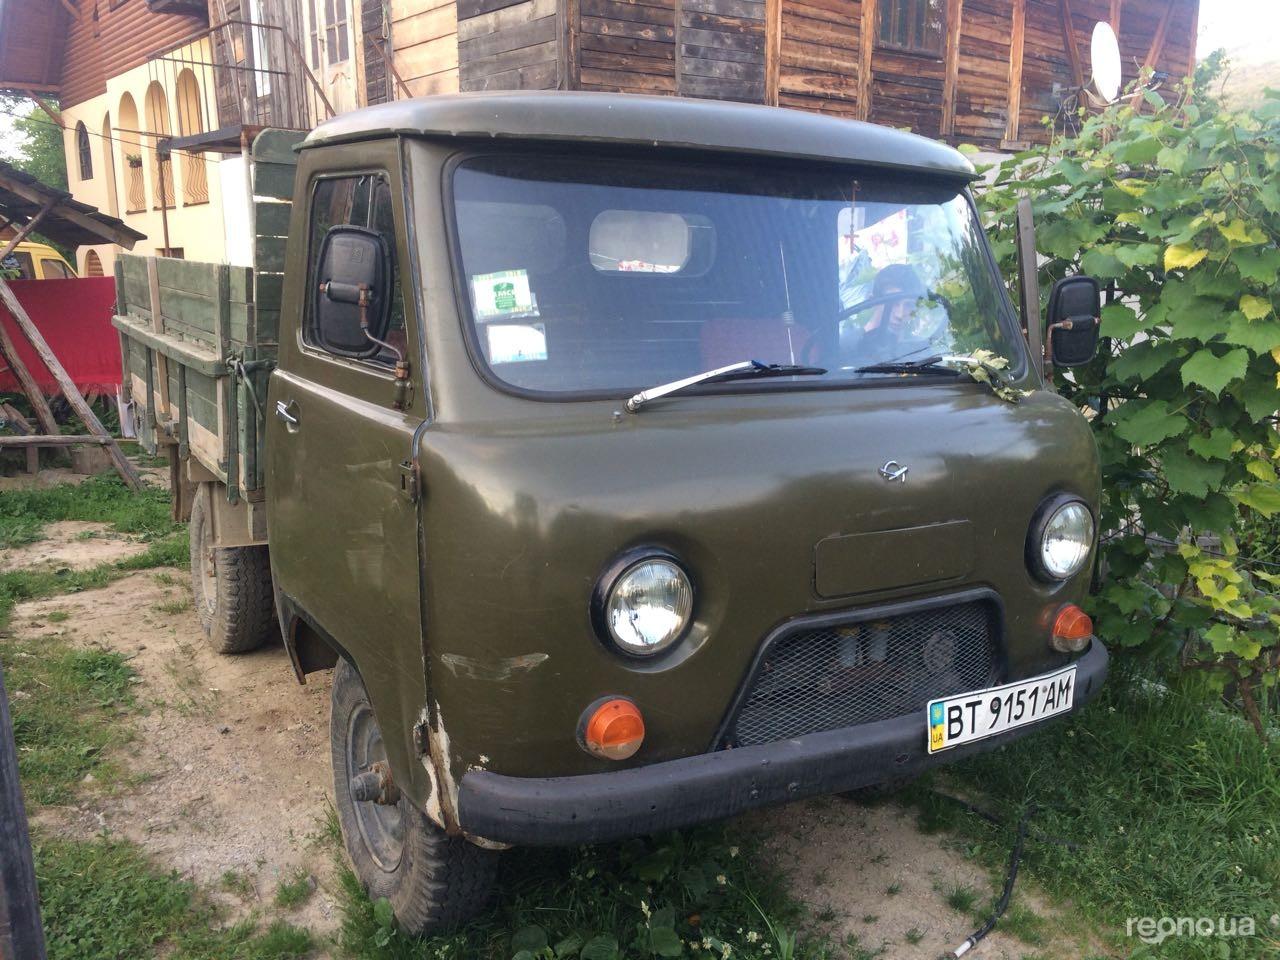 Купить УАЗ 469 1985 за 2 800$, Яремча | REONO